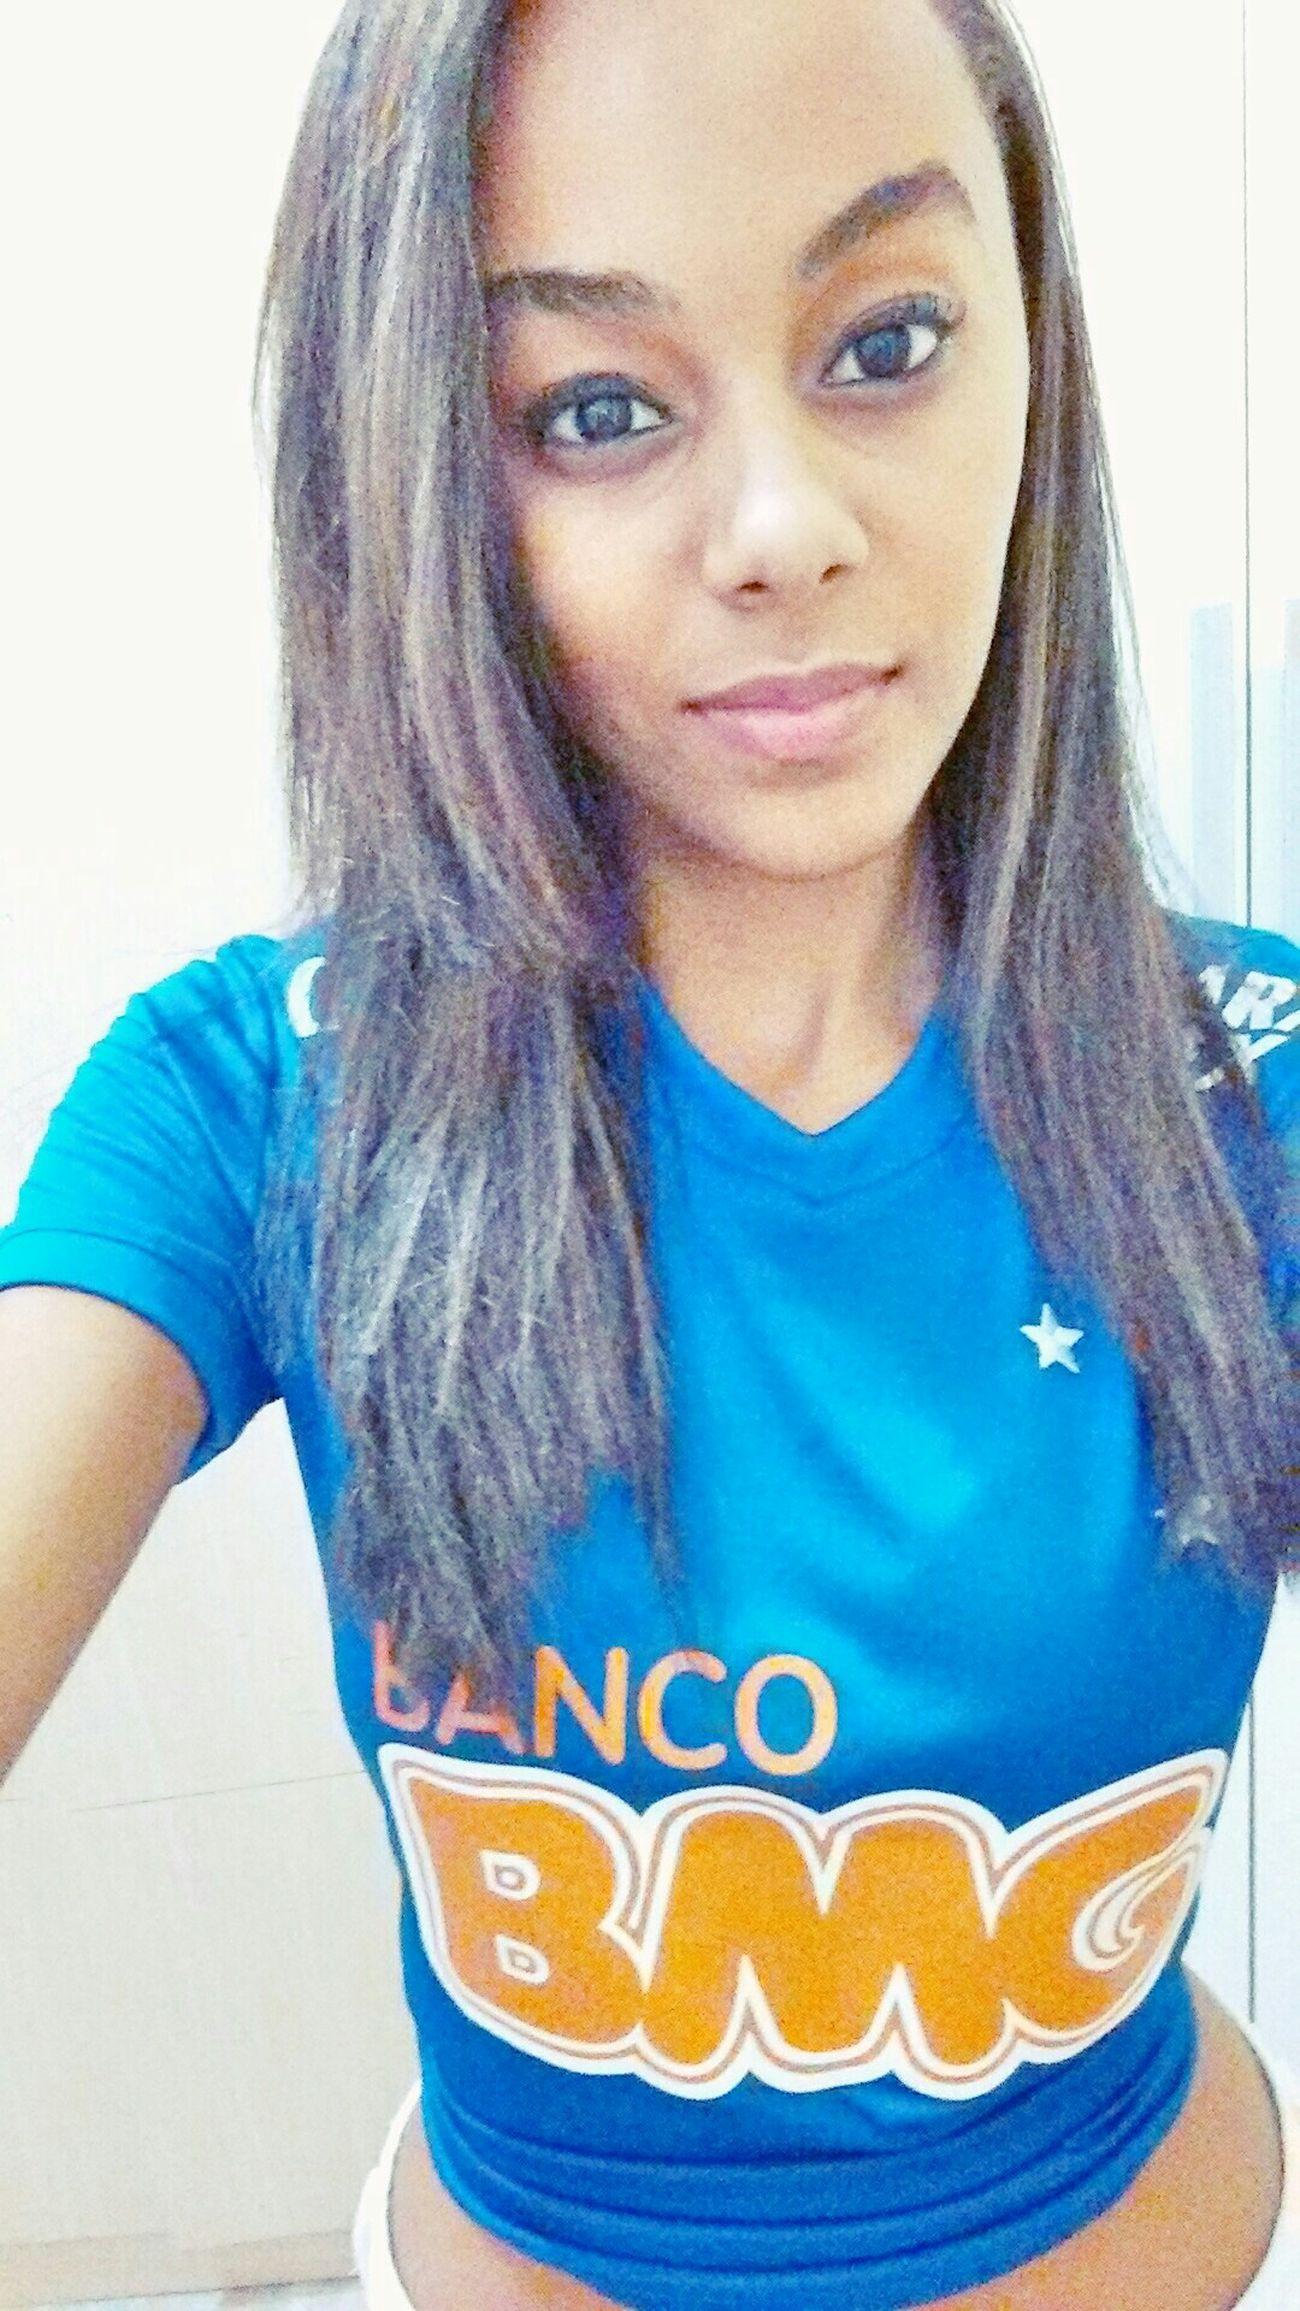 É um sentimento sem explicação? Cruzeiro ? Cruzeiro Mafia Azul Cruzeirosempre Cruzeiro FechadoComOCruzeiro EusouCruzeiro Dizem_que_somos_loucos_da_cabeça_amarmos_o_cruzeiro_é_o_que_interessa TetraCampeao????⚽